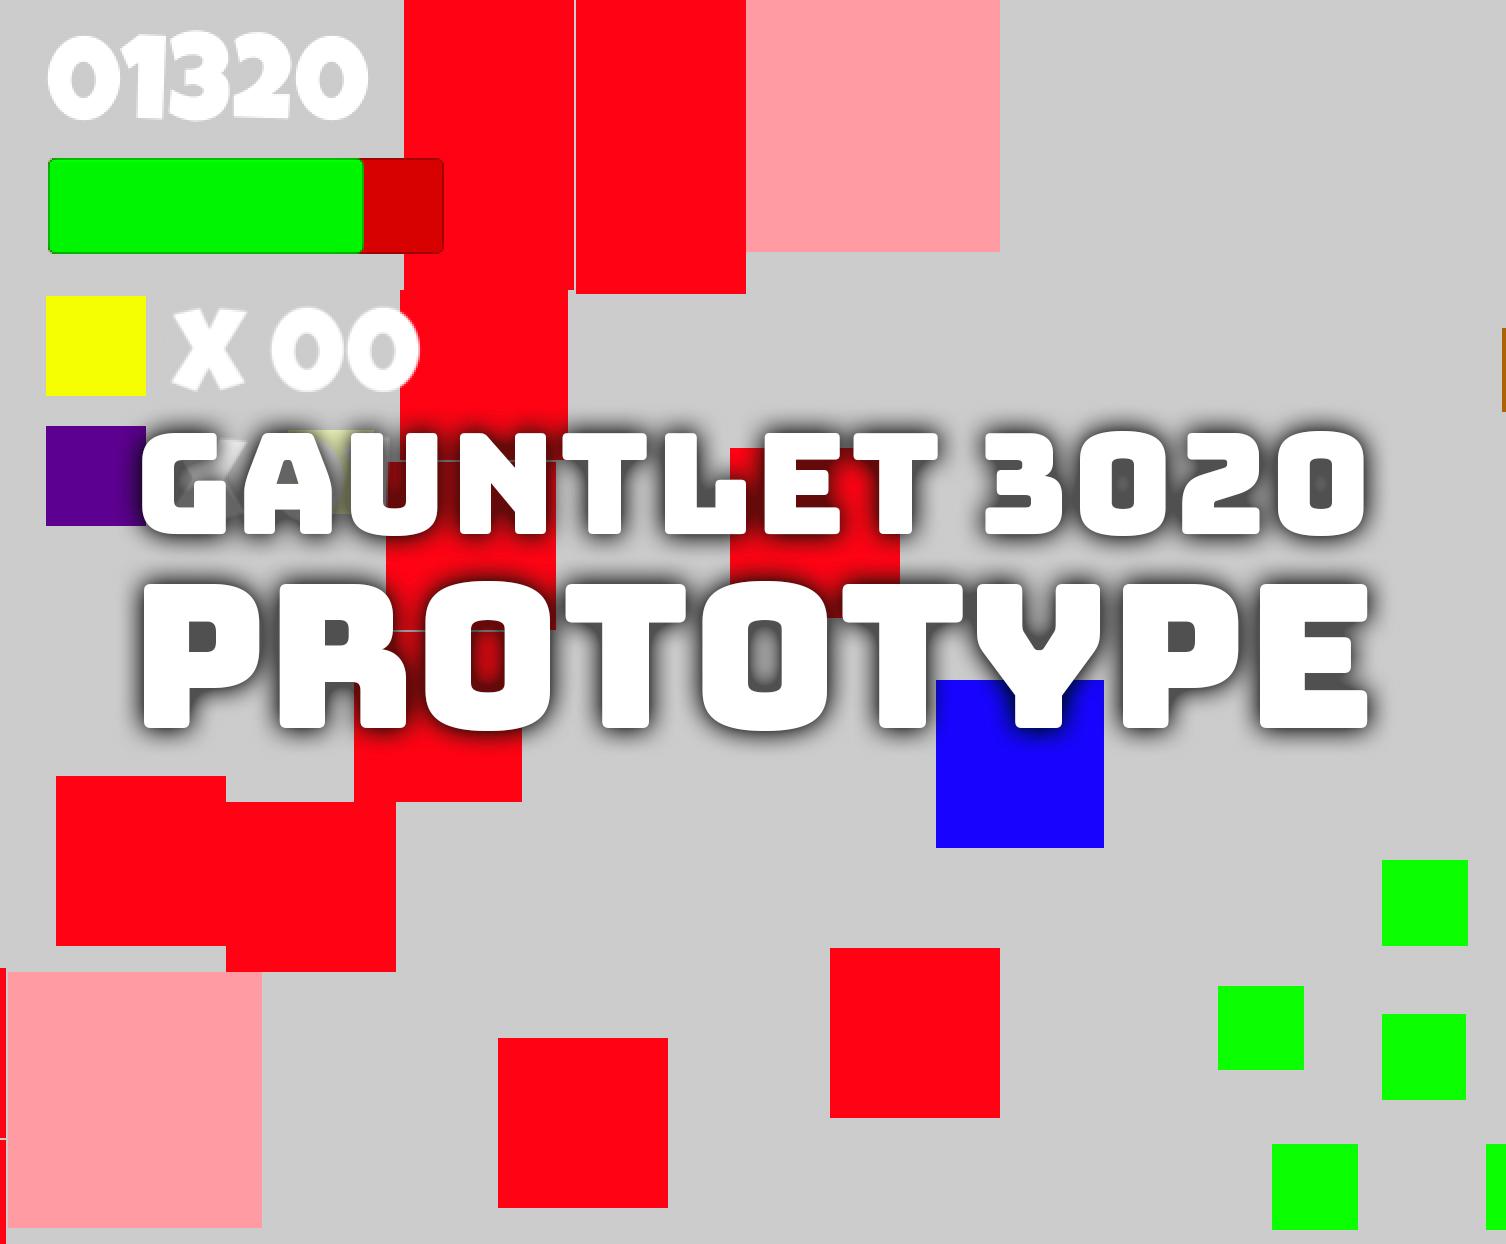 Gauntlet 3020 - Prototype